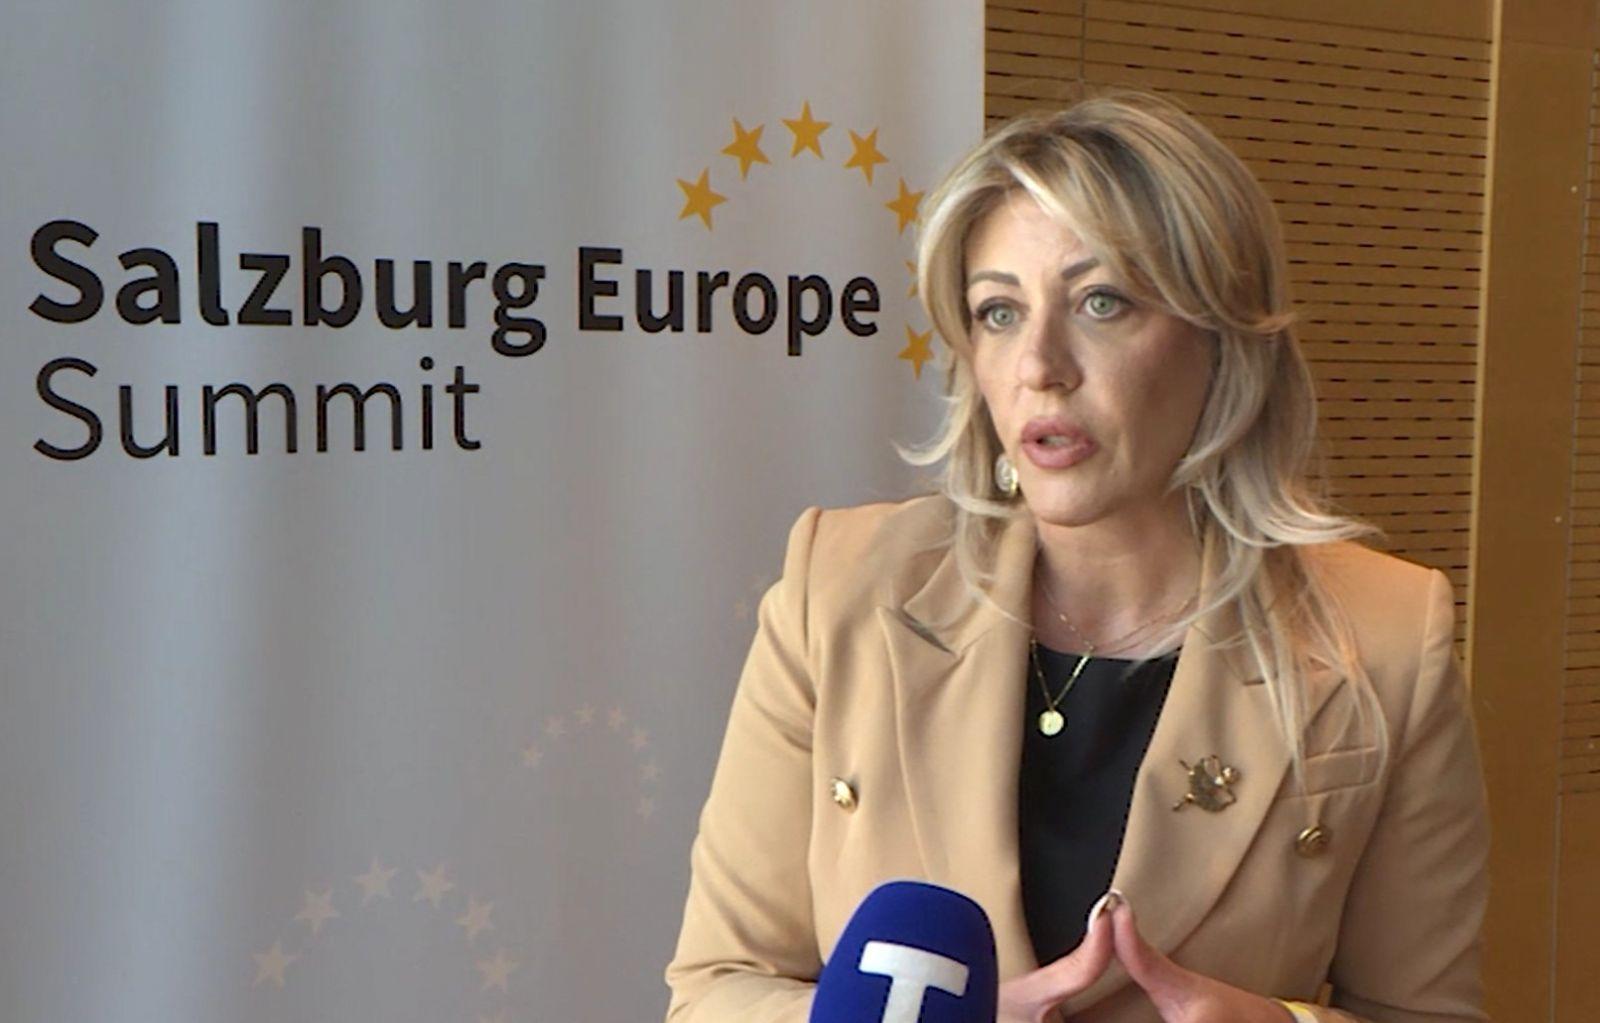 Ј. Јоксимовић: Превише геополитике, премало заједничке визије